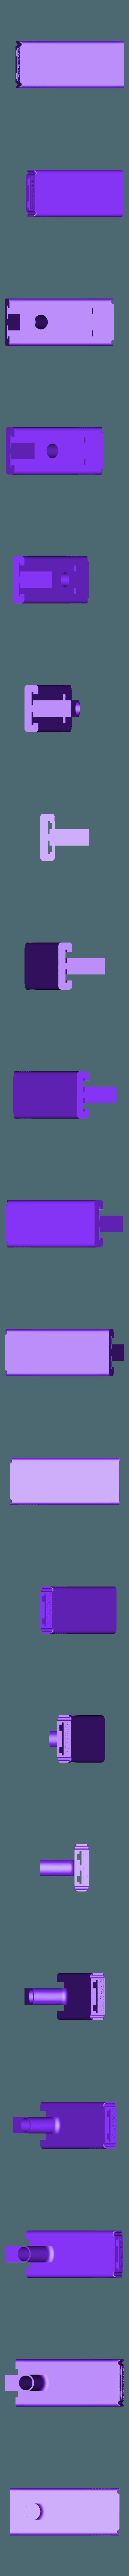 Frame.stl Télécharger fichier STL gratuit Lincoln's Revenge - Tireur d'élite à tir rapide • Plan pour imprimante 3D, ericcherry